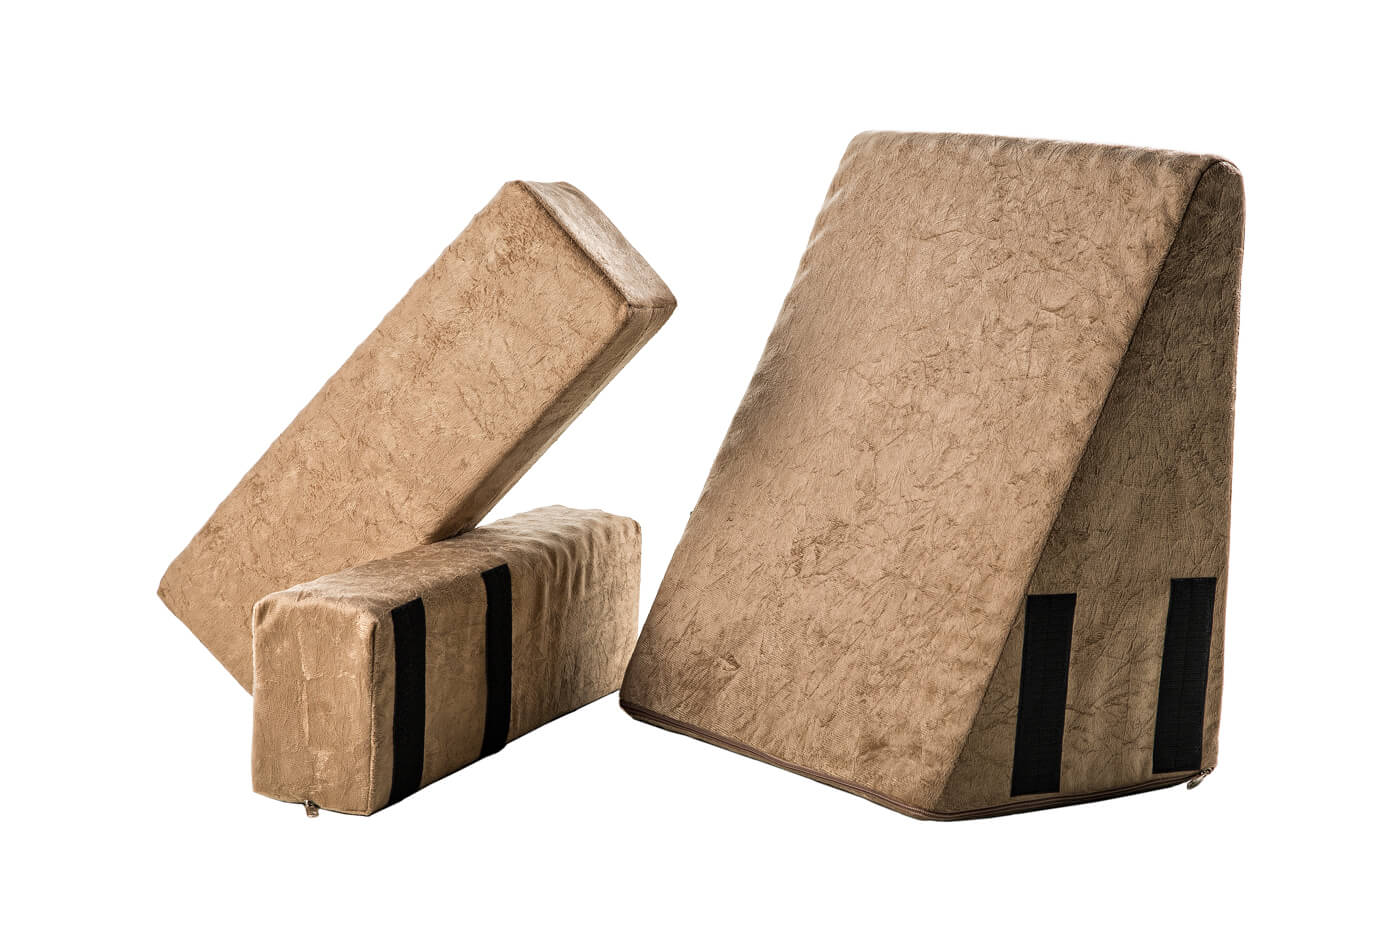 Encosto De Leitura MAGNÉTICO com Braços Removíveis  - Kenko Premium Colchões